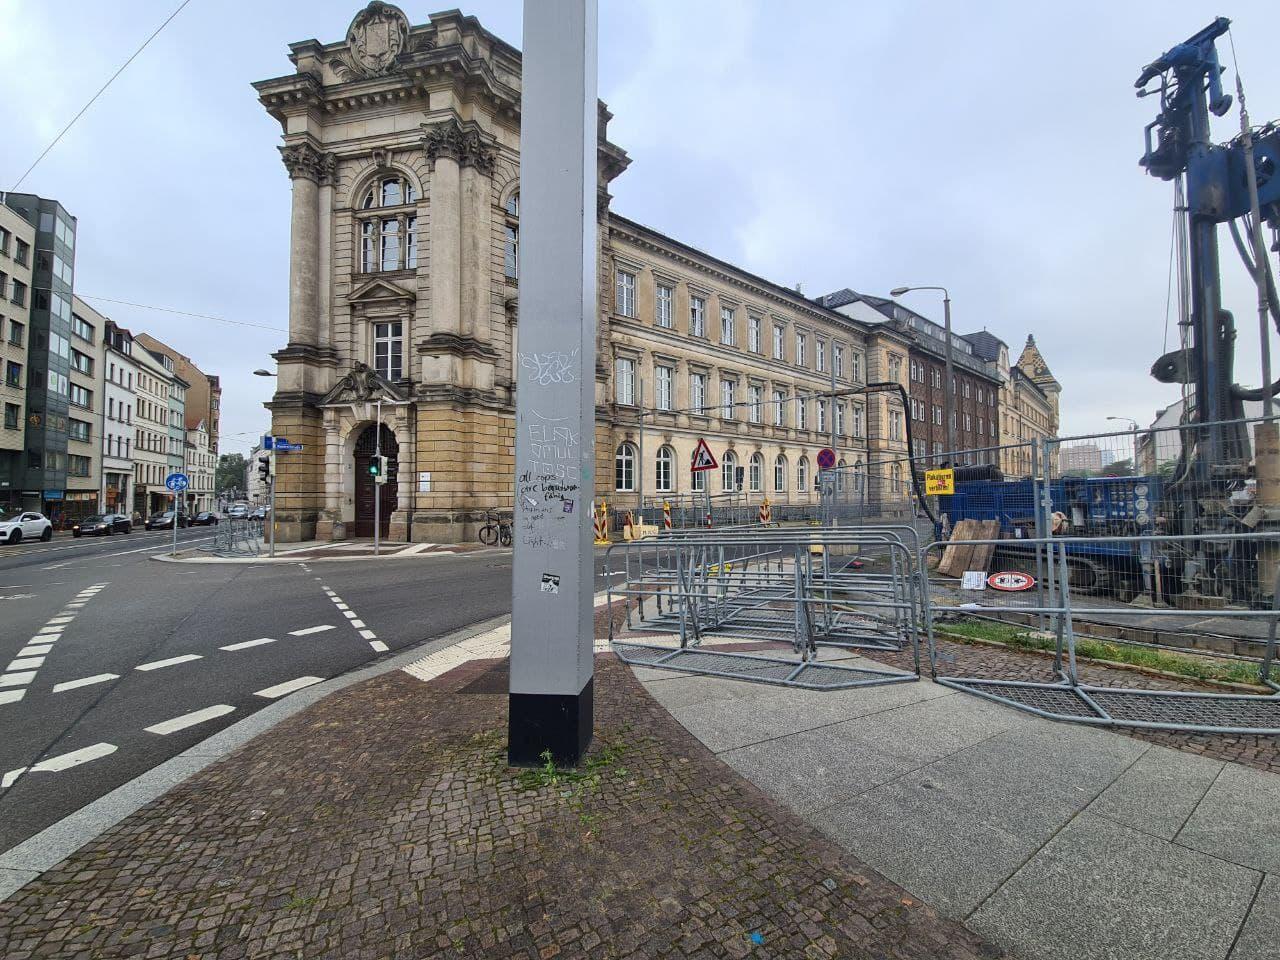 Gitter an der Dimitroffstraße - dem Polizeipräsidium Leipzigs. Foto: LZ